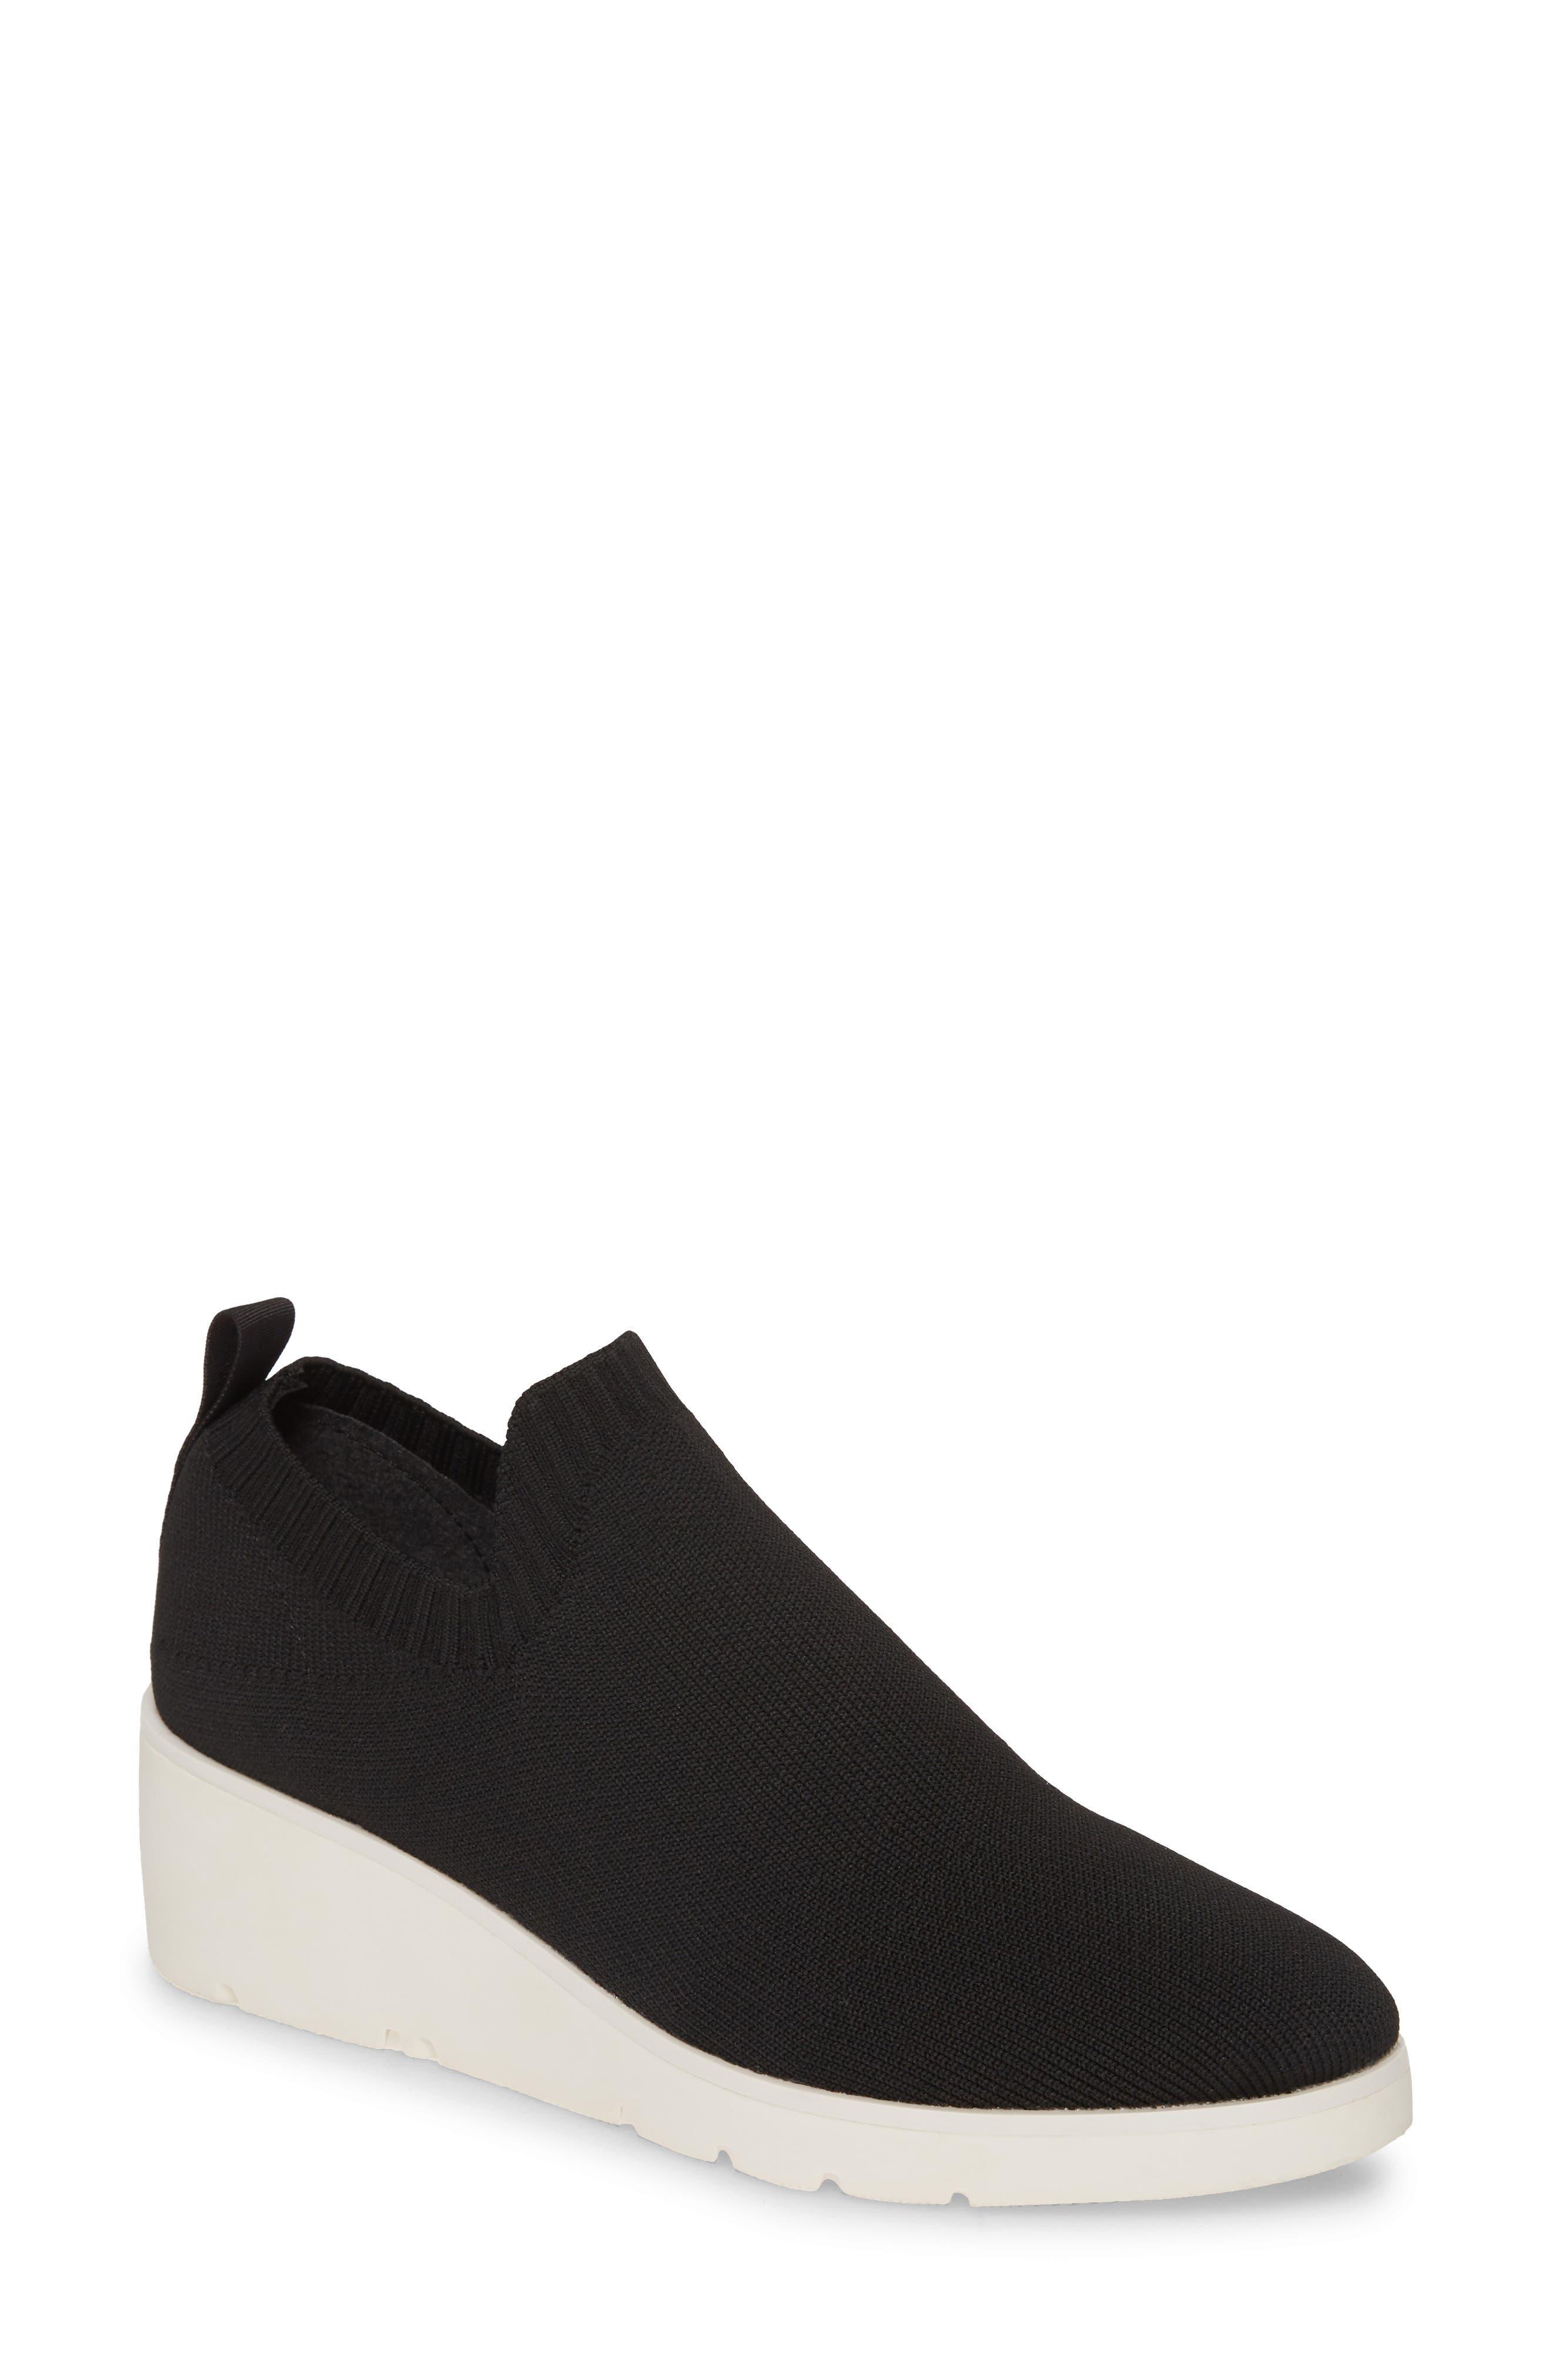 Steven By Steve Madden Knit Wedge Sneaker- Black